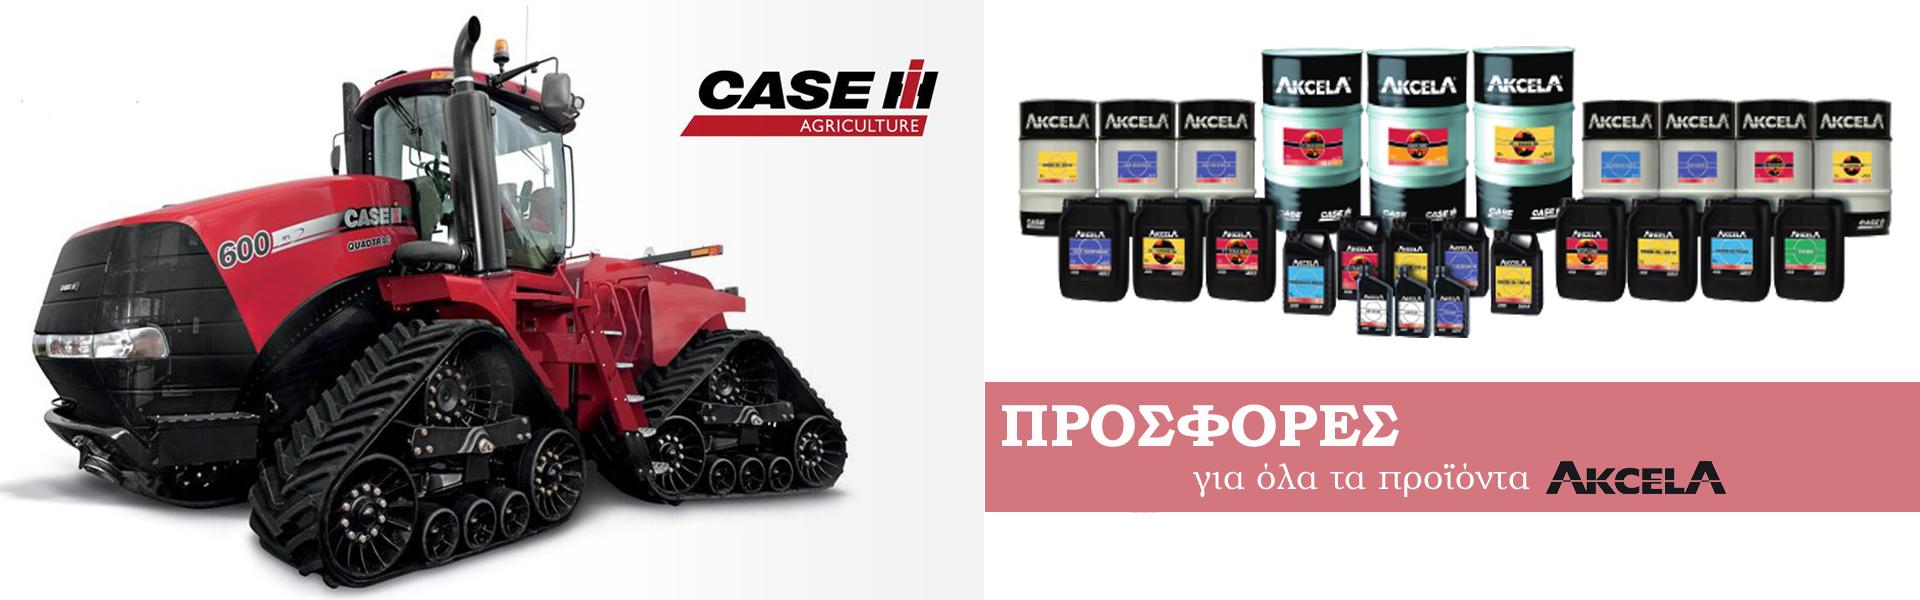 ΠΡΟΣΦΟΡΕΣ για όλα τα προϊόντα Akcela Case